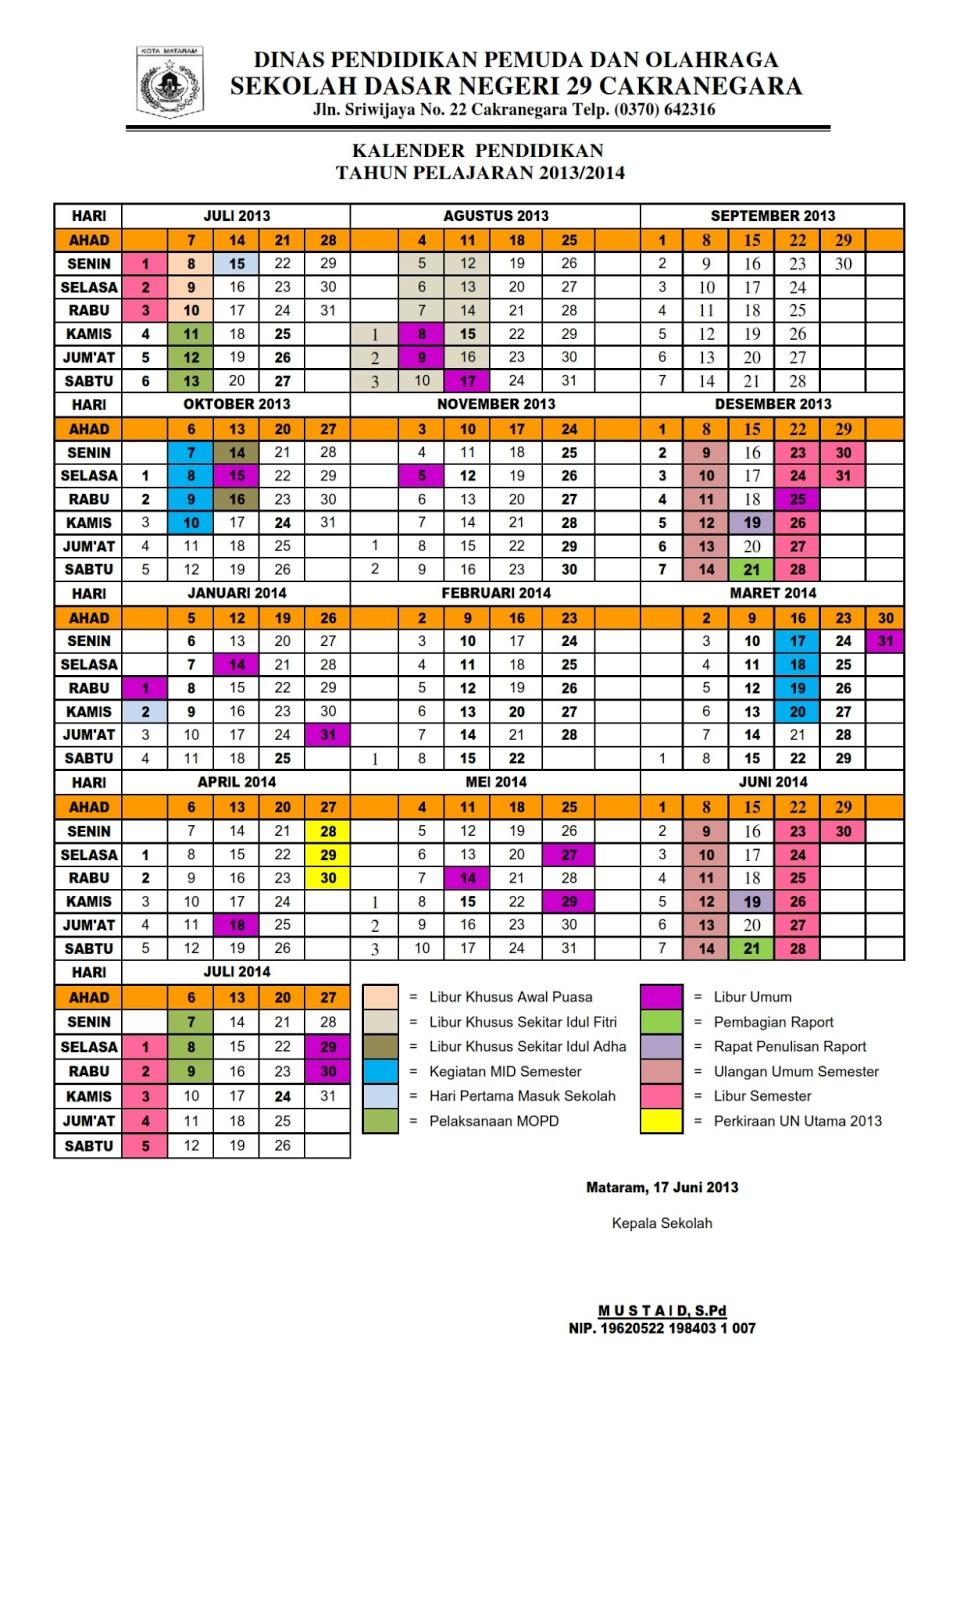 Kurikulum 2013 Smp Pelajaran Pkn Rpp Lengkap Pkn Kelas Viii Smp Mts Kurikulum 2013 Permendikbud Tentang Kurikulum 2013 Untuk Sd Smp Review Ebooks